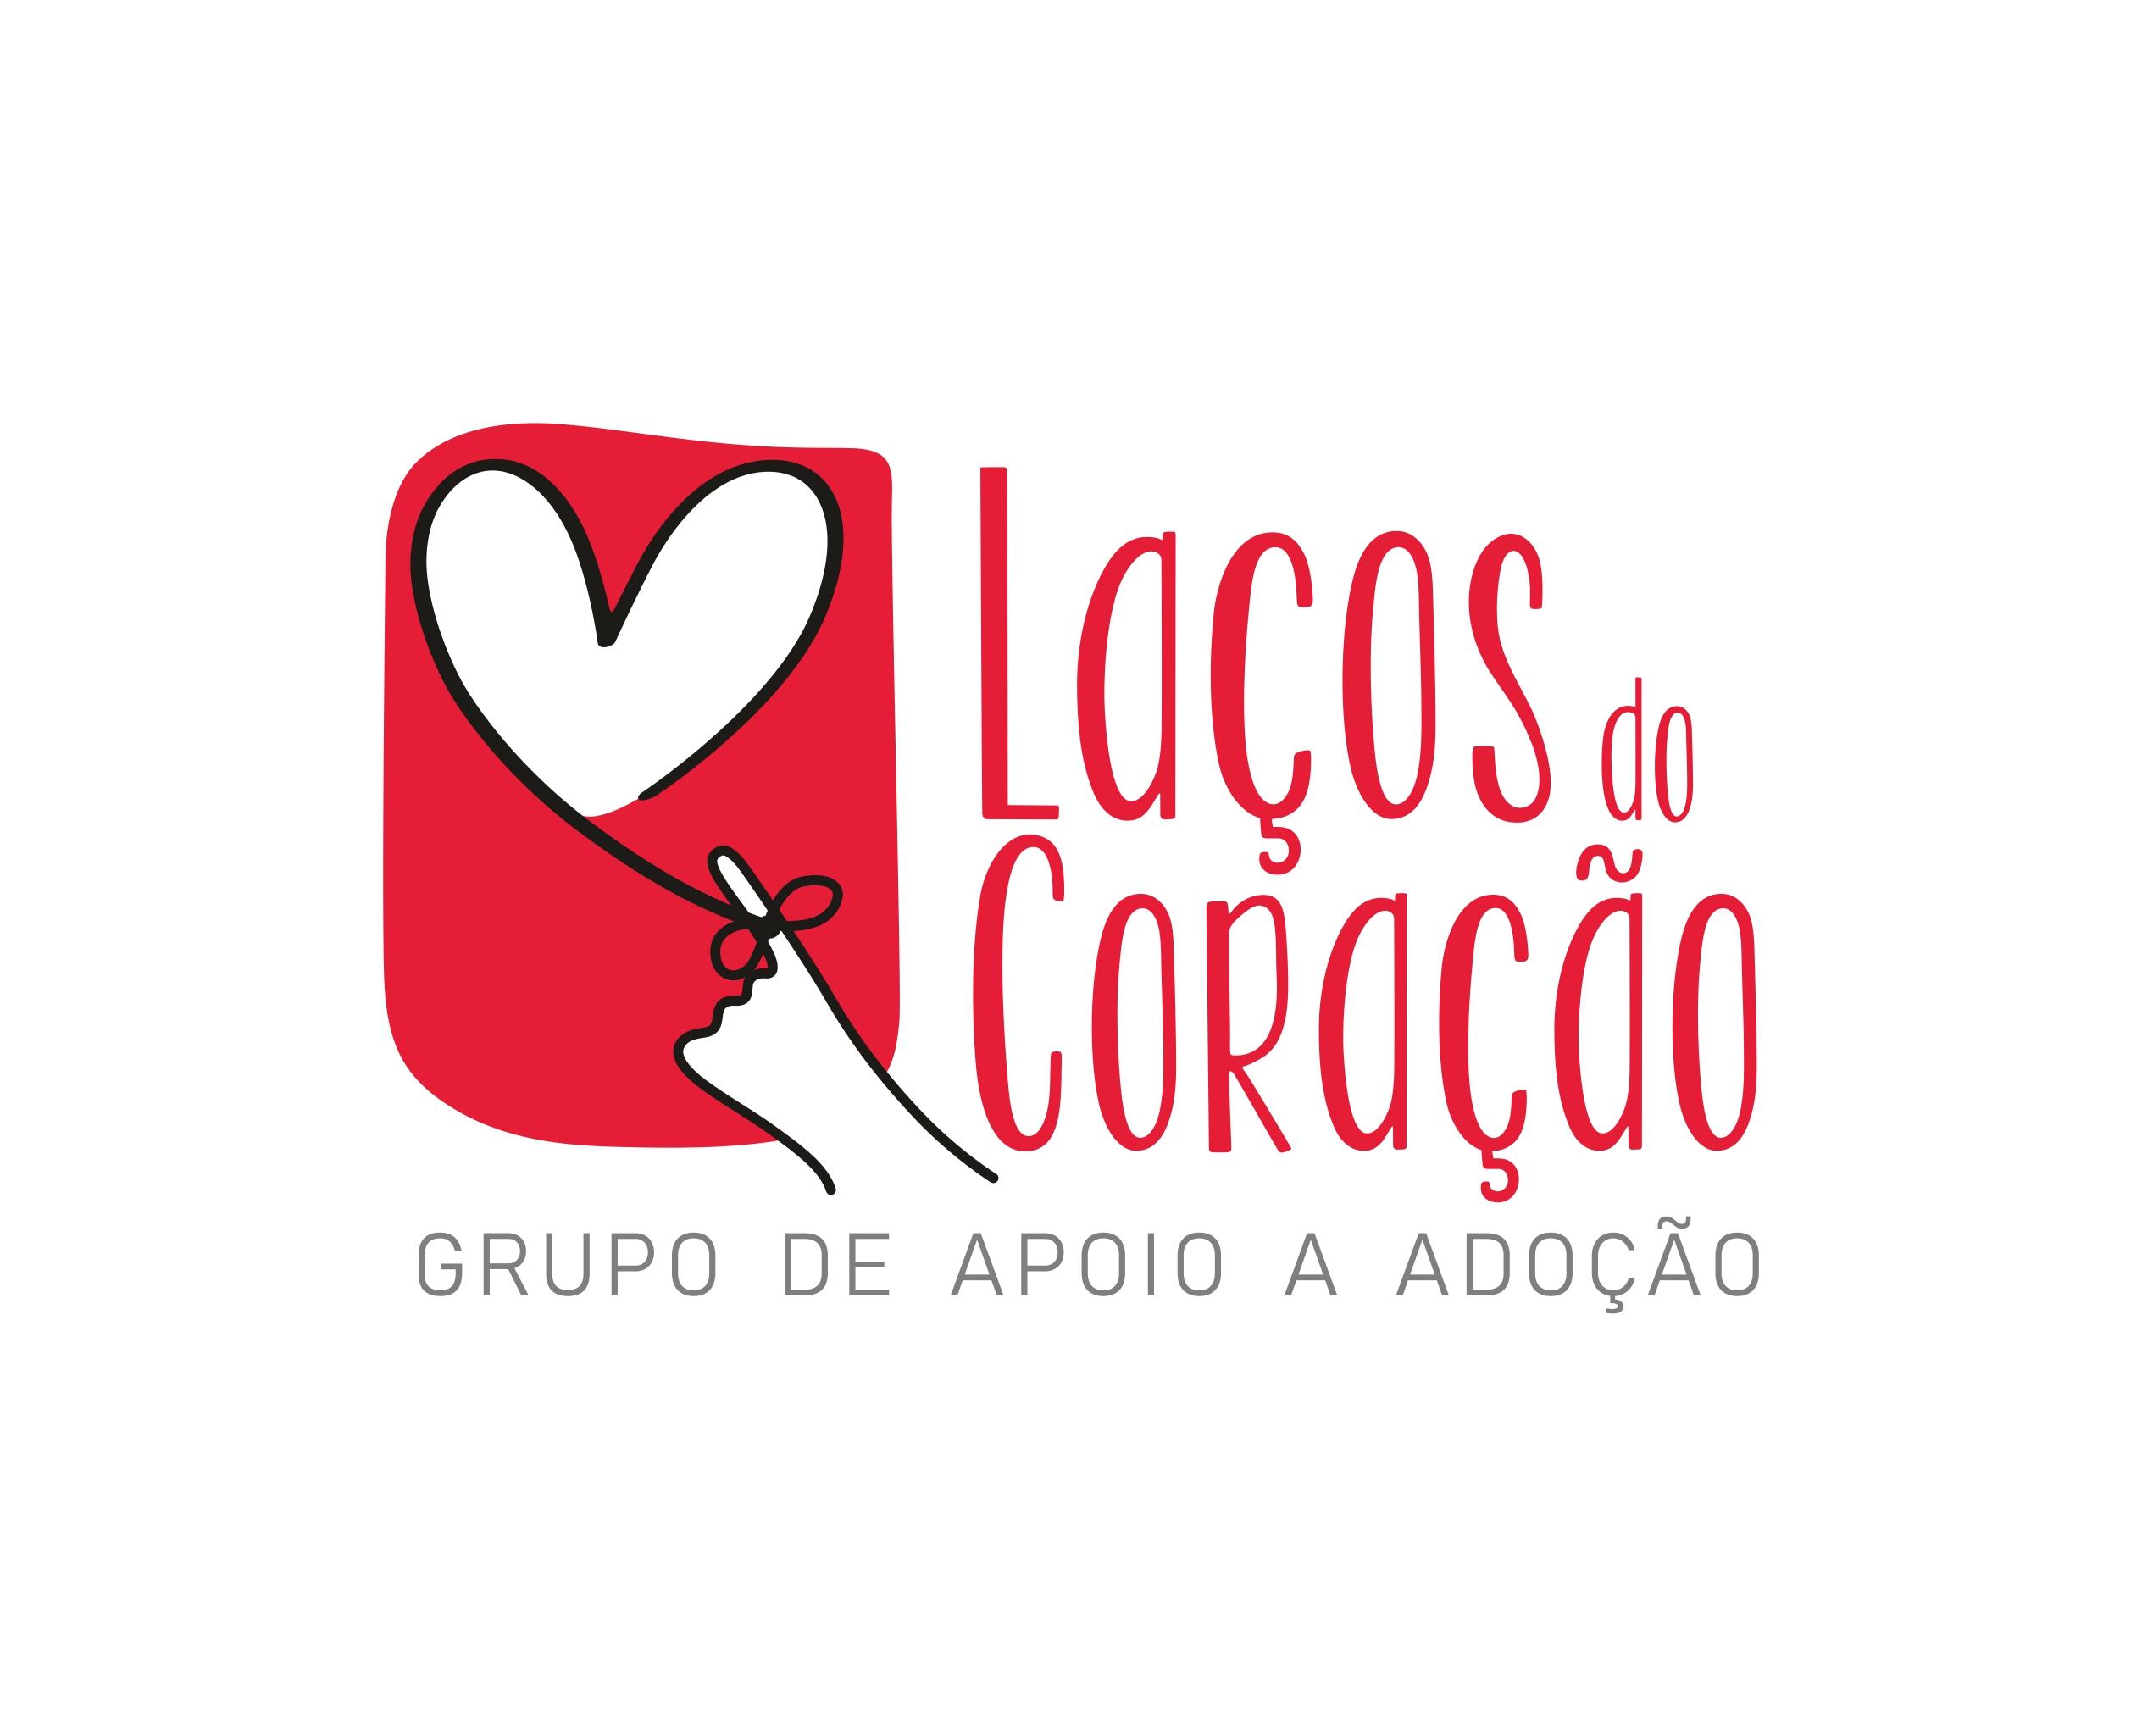 Grupo de Apoio à Adoção Laços do Coração